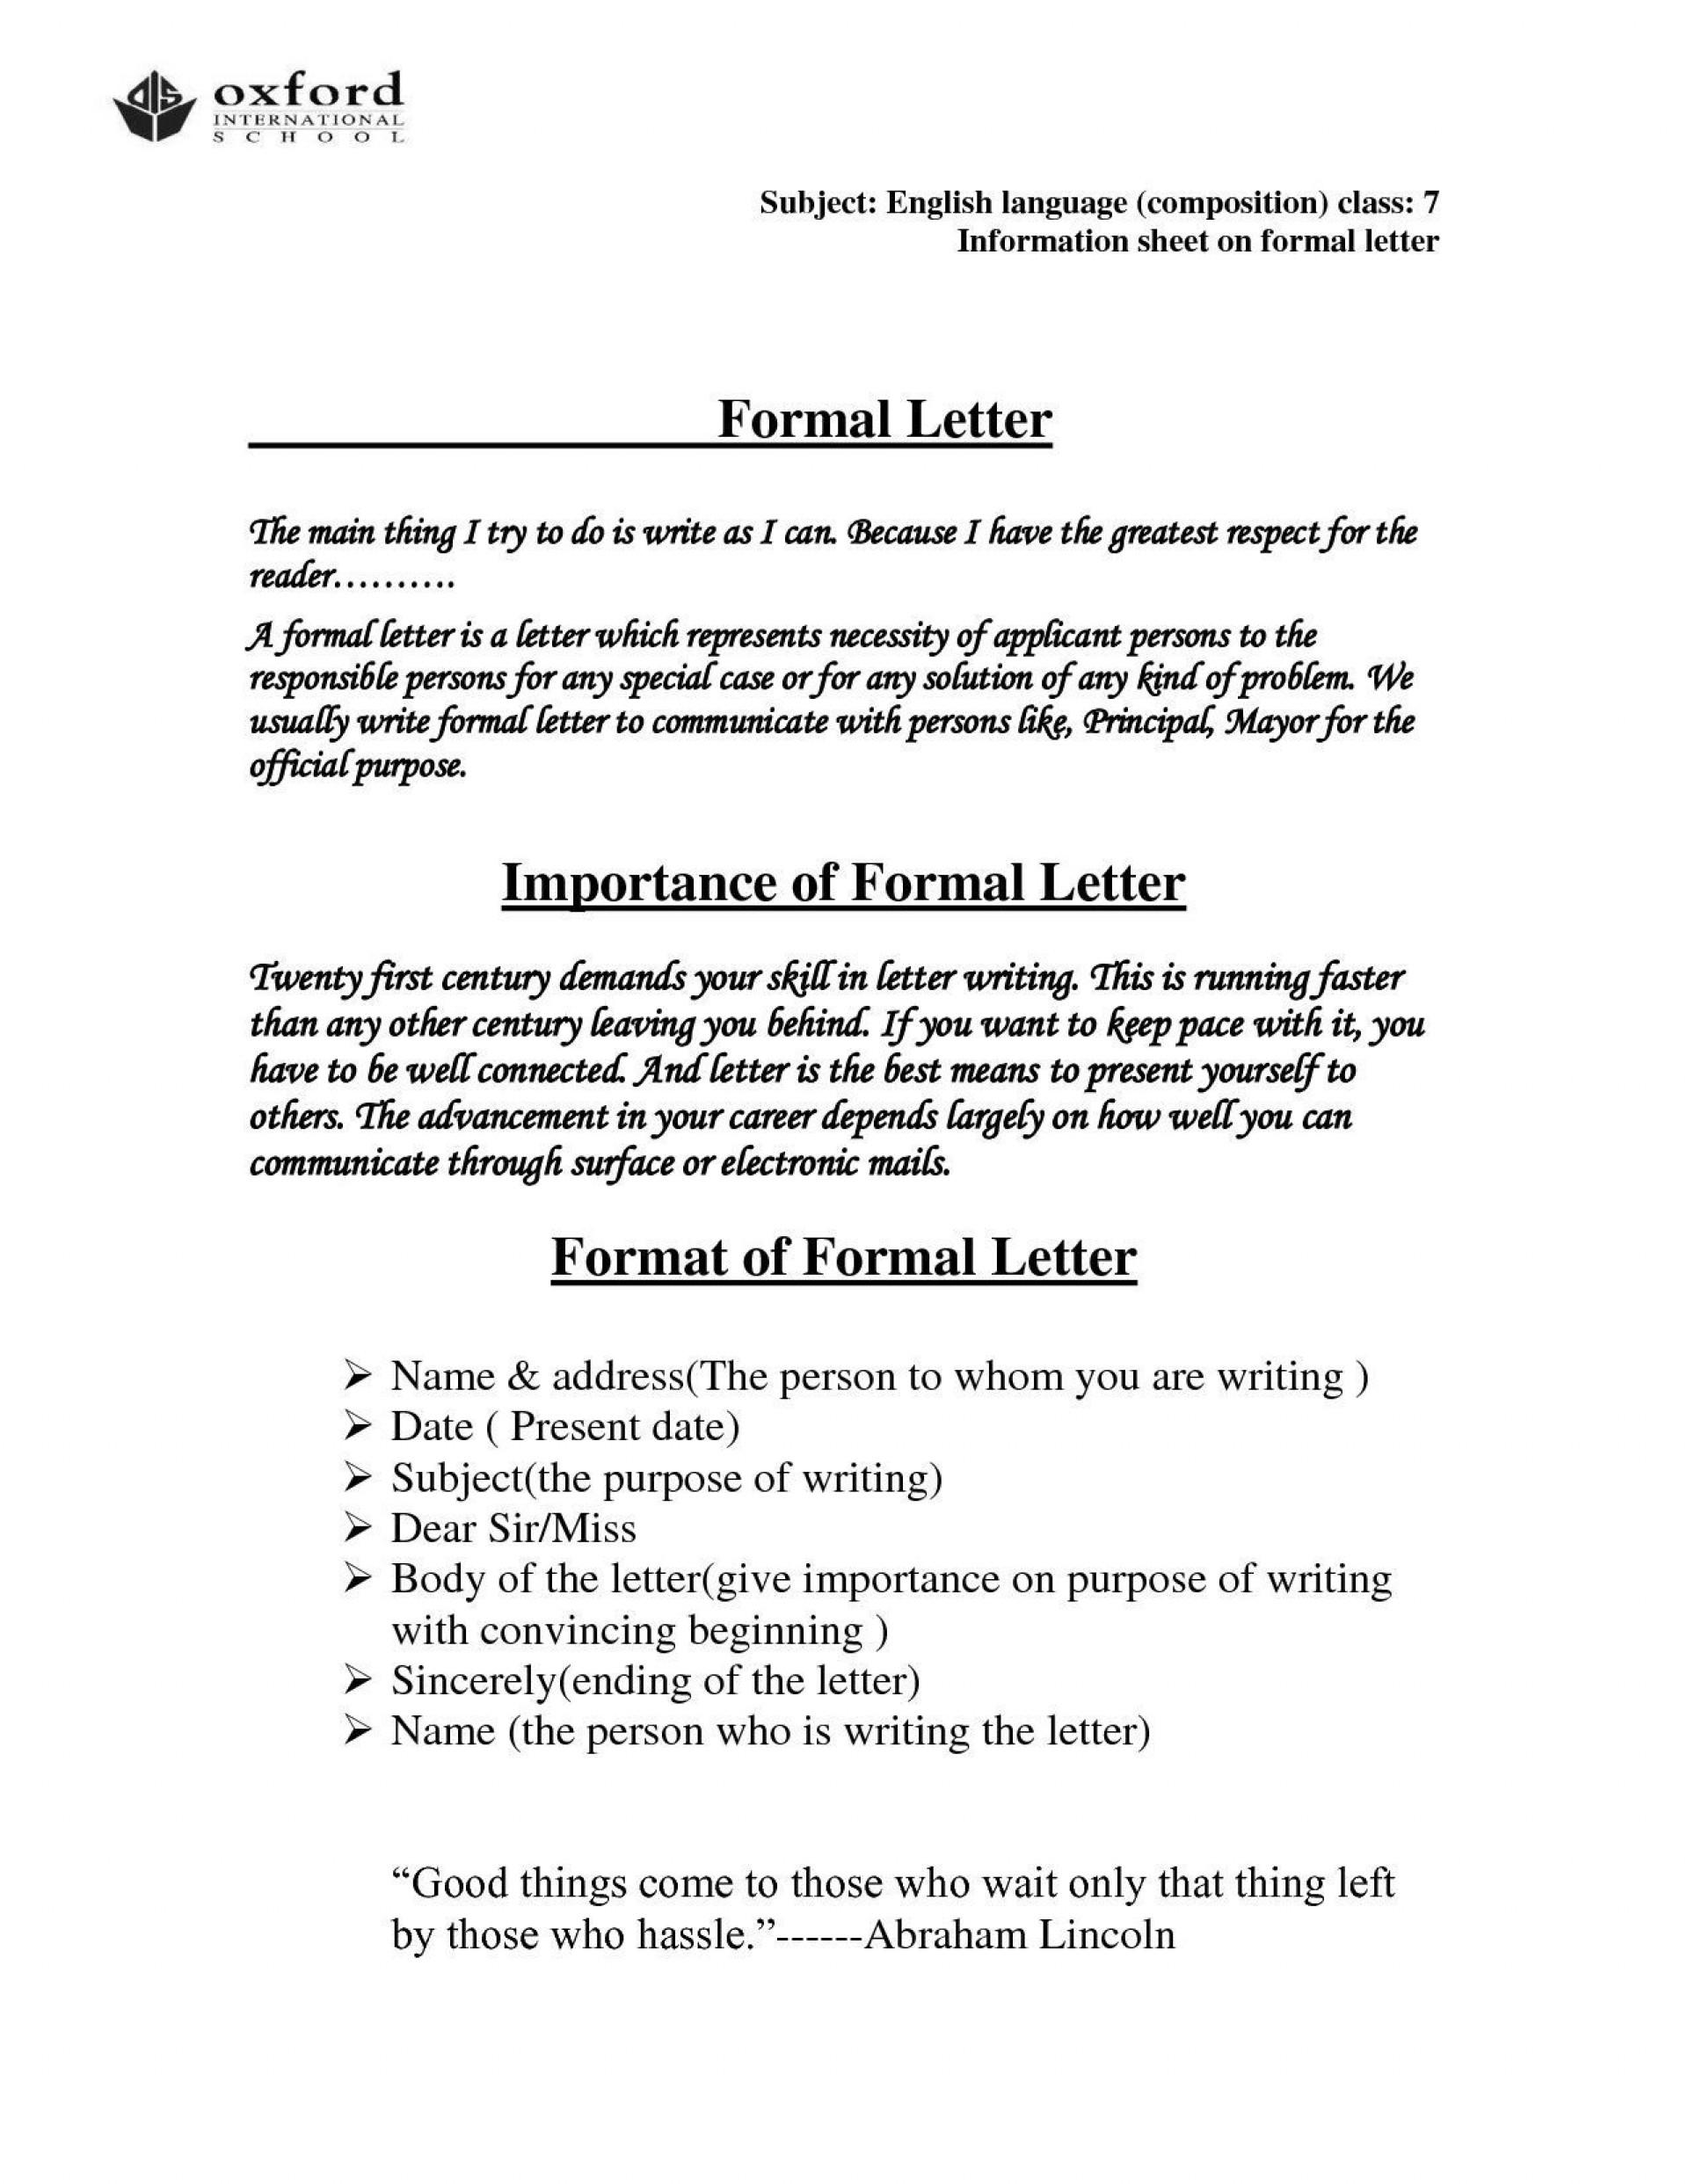 006 Shocking Hindi Letter Writing Format Pdf Free Download Inspiration 1920